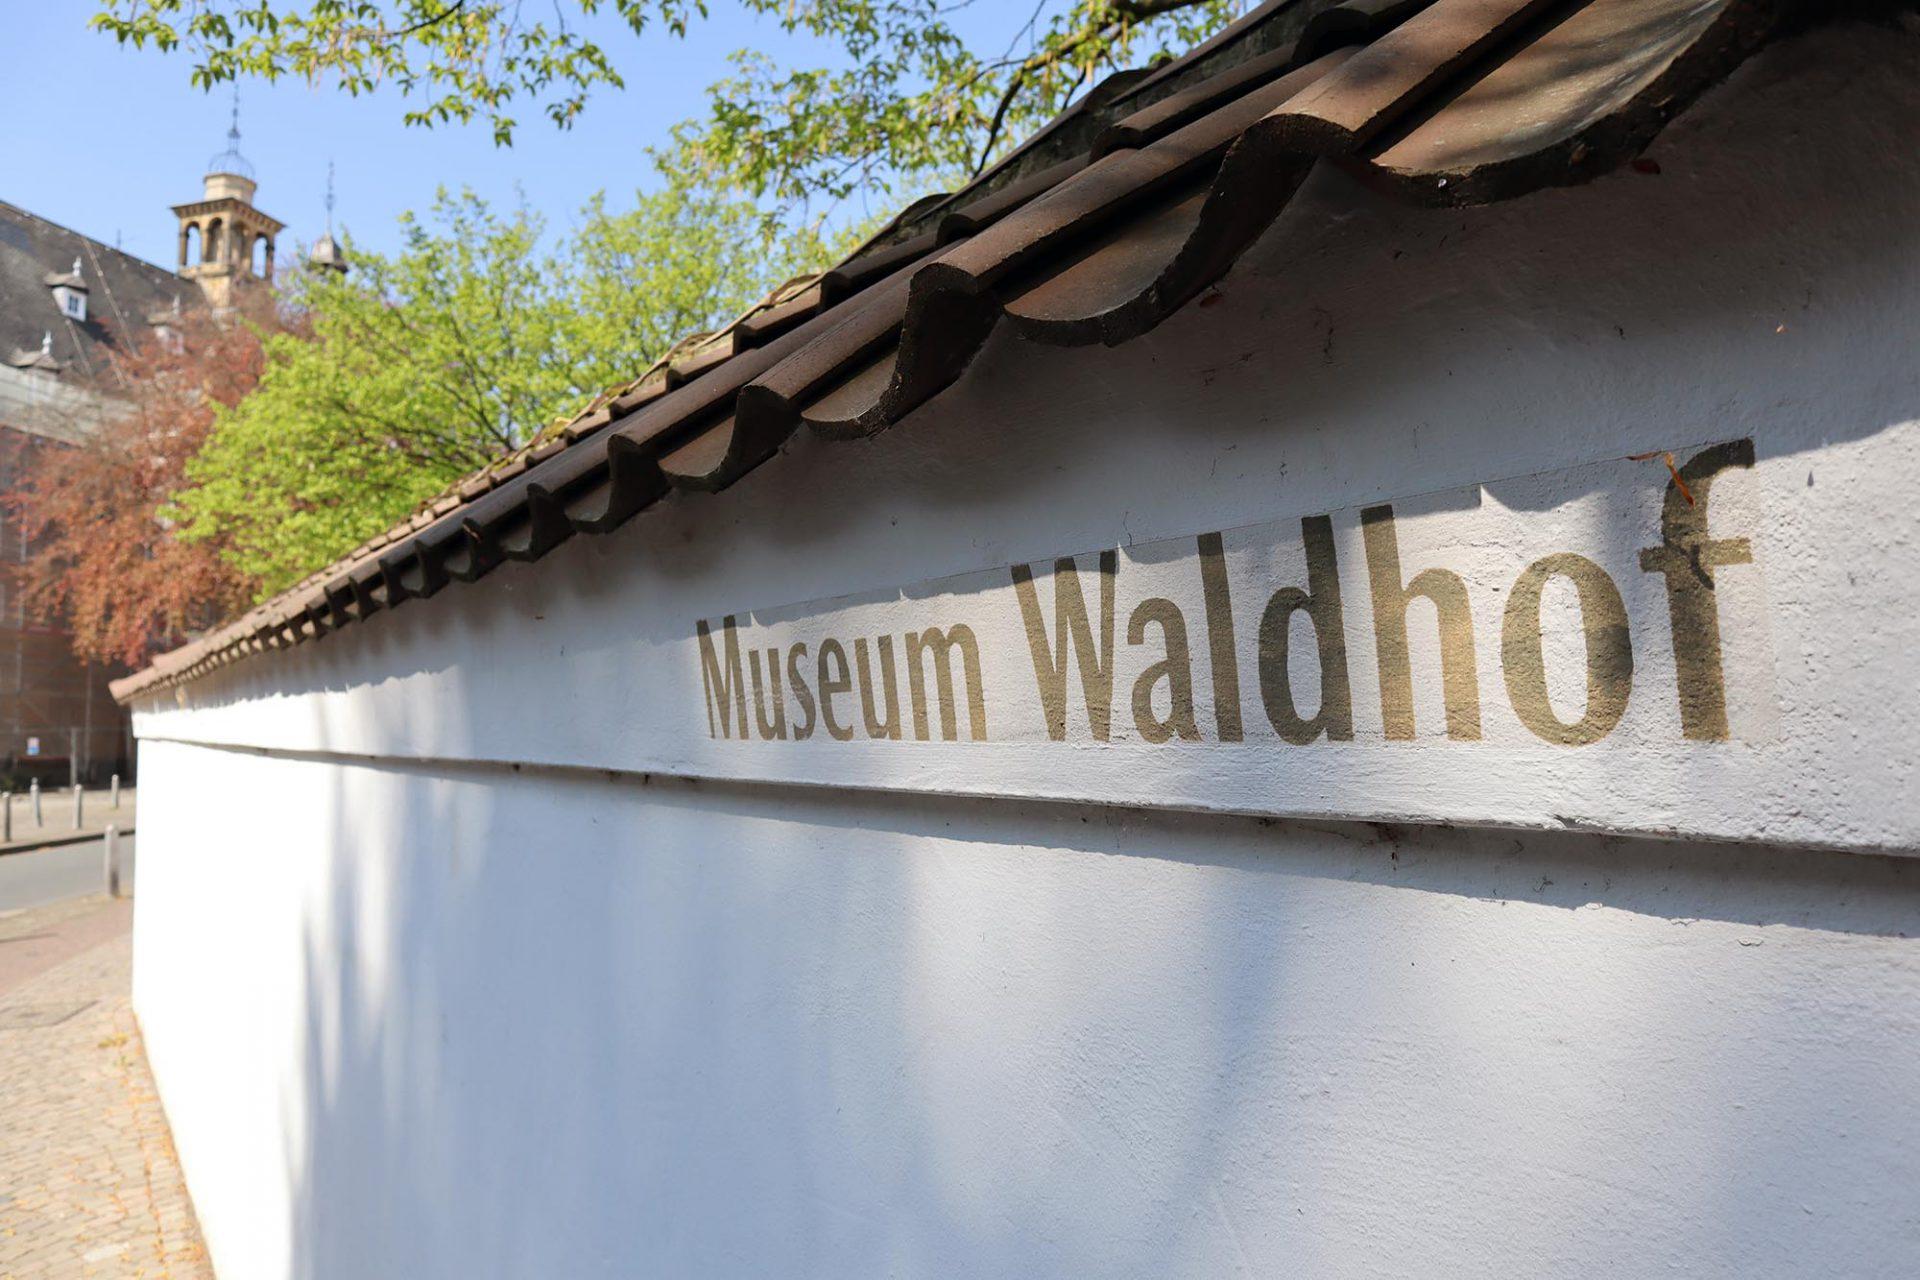 Bielefelder Kunstverein. Das Museum Waldhof ist eines der ältesten Gebäude der Stadt.